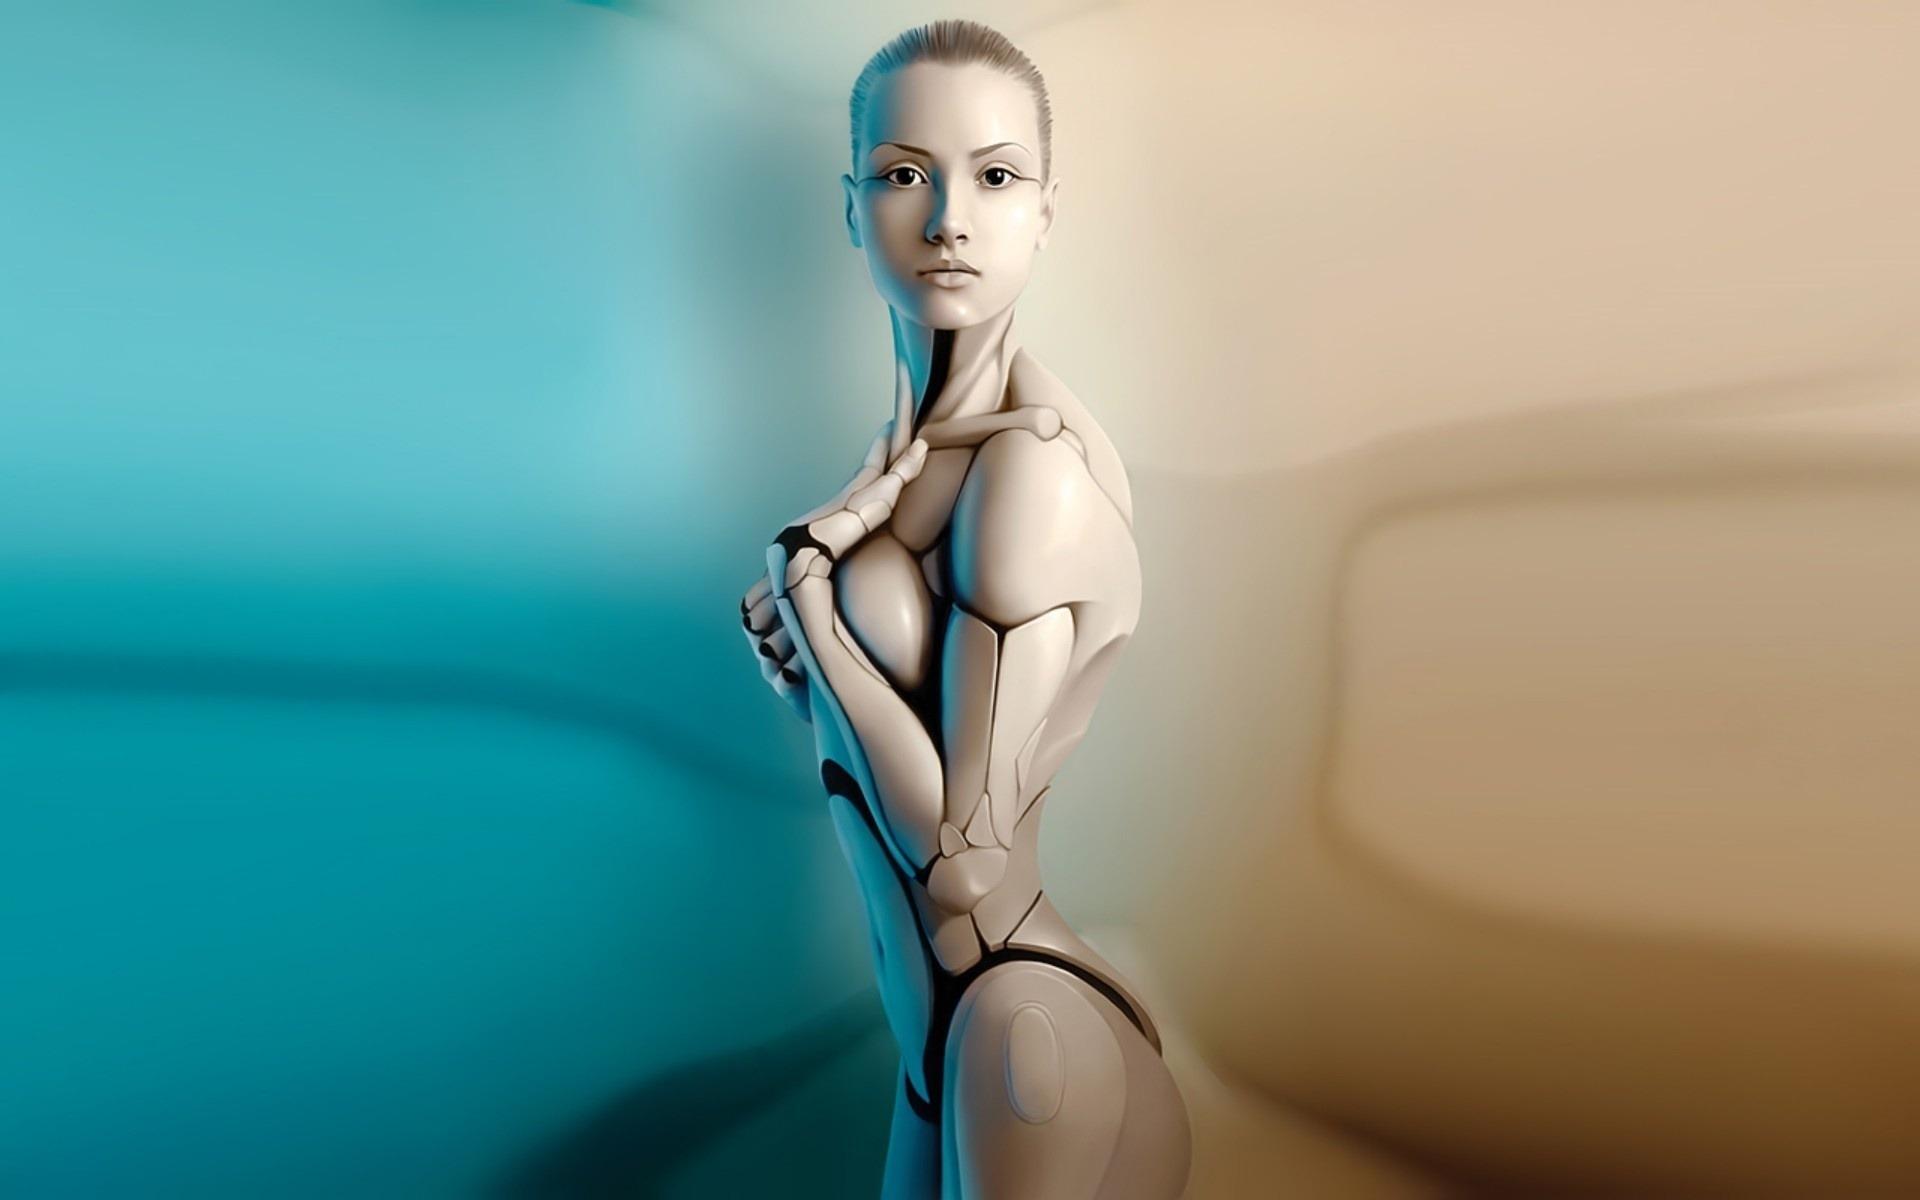 Фото девушек для рабочего стола андроид